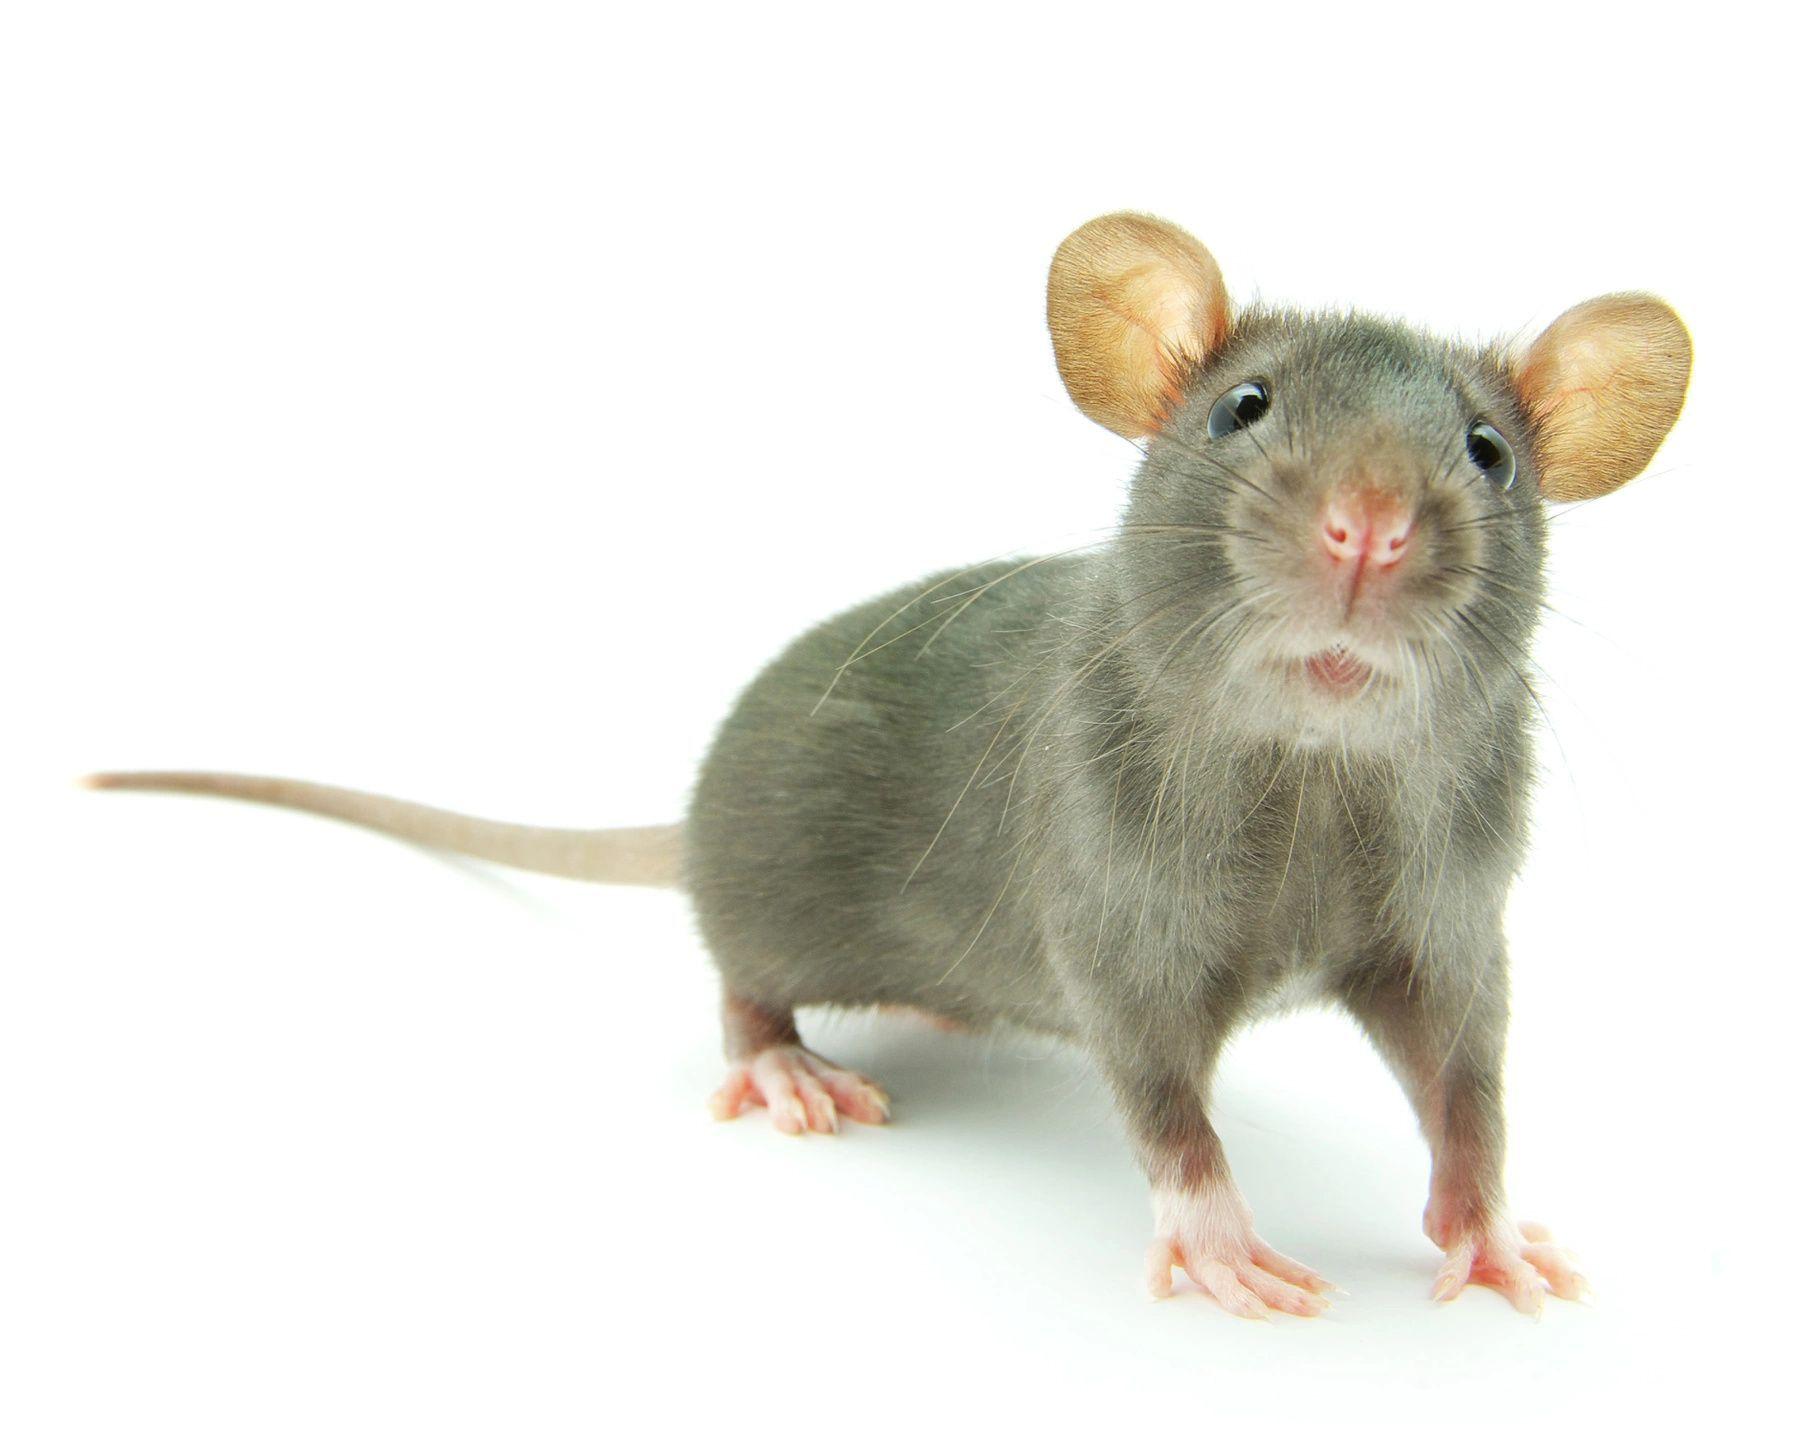 Rat Control Service :